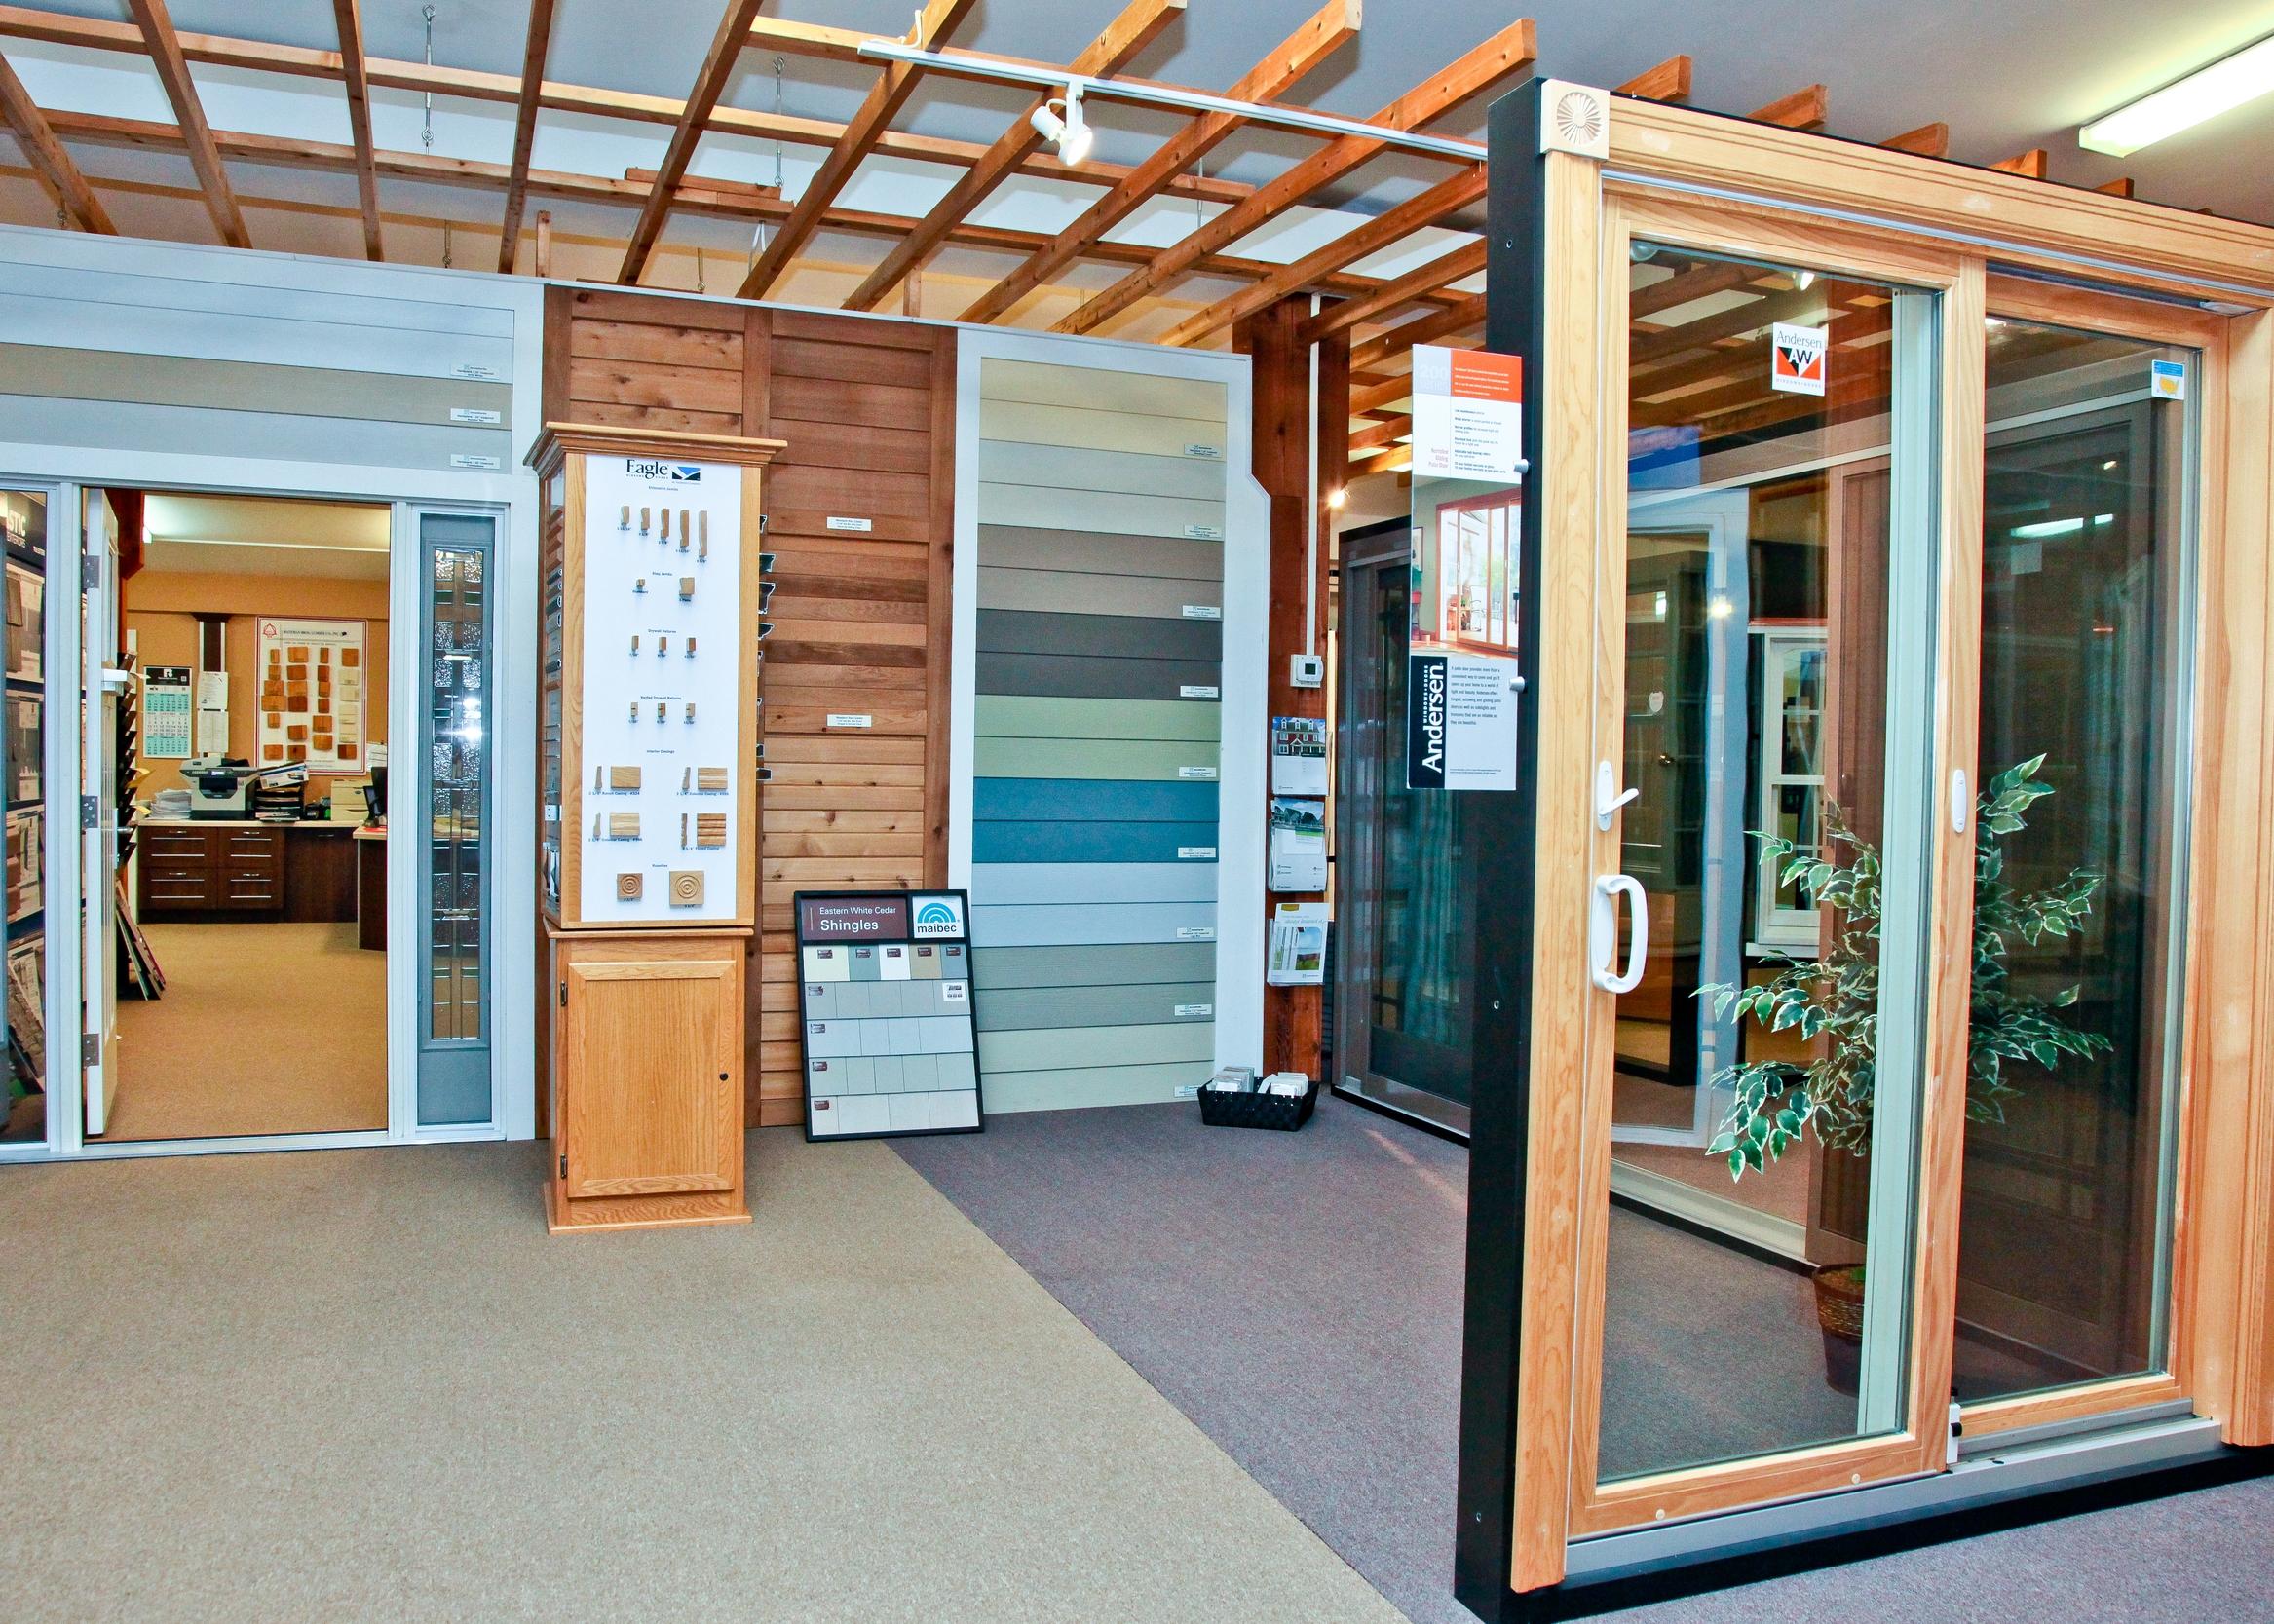 lewes showroom-2.jpg